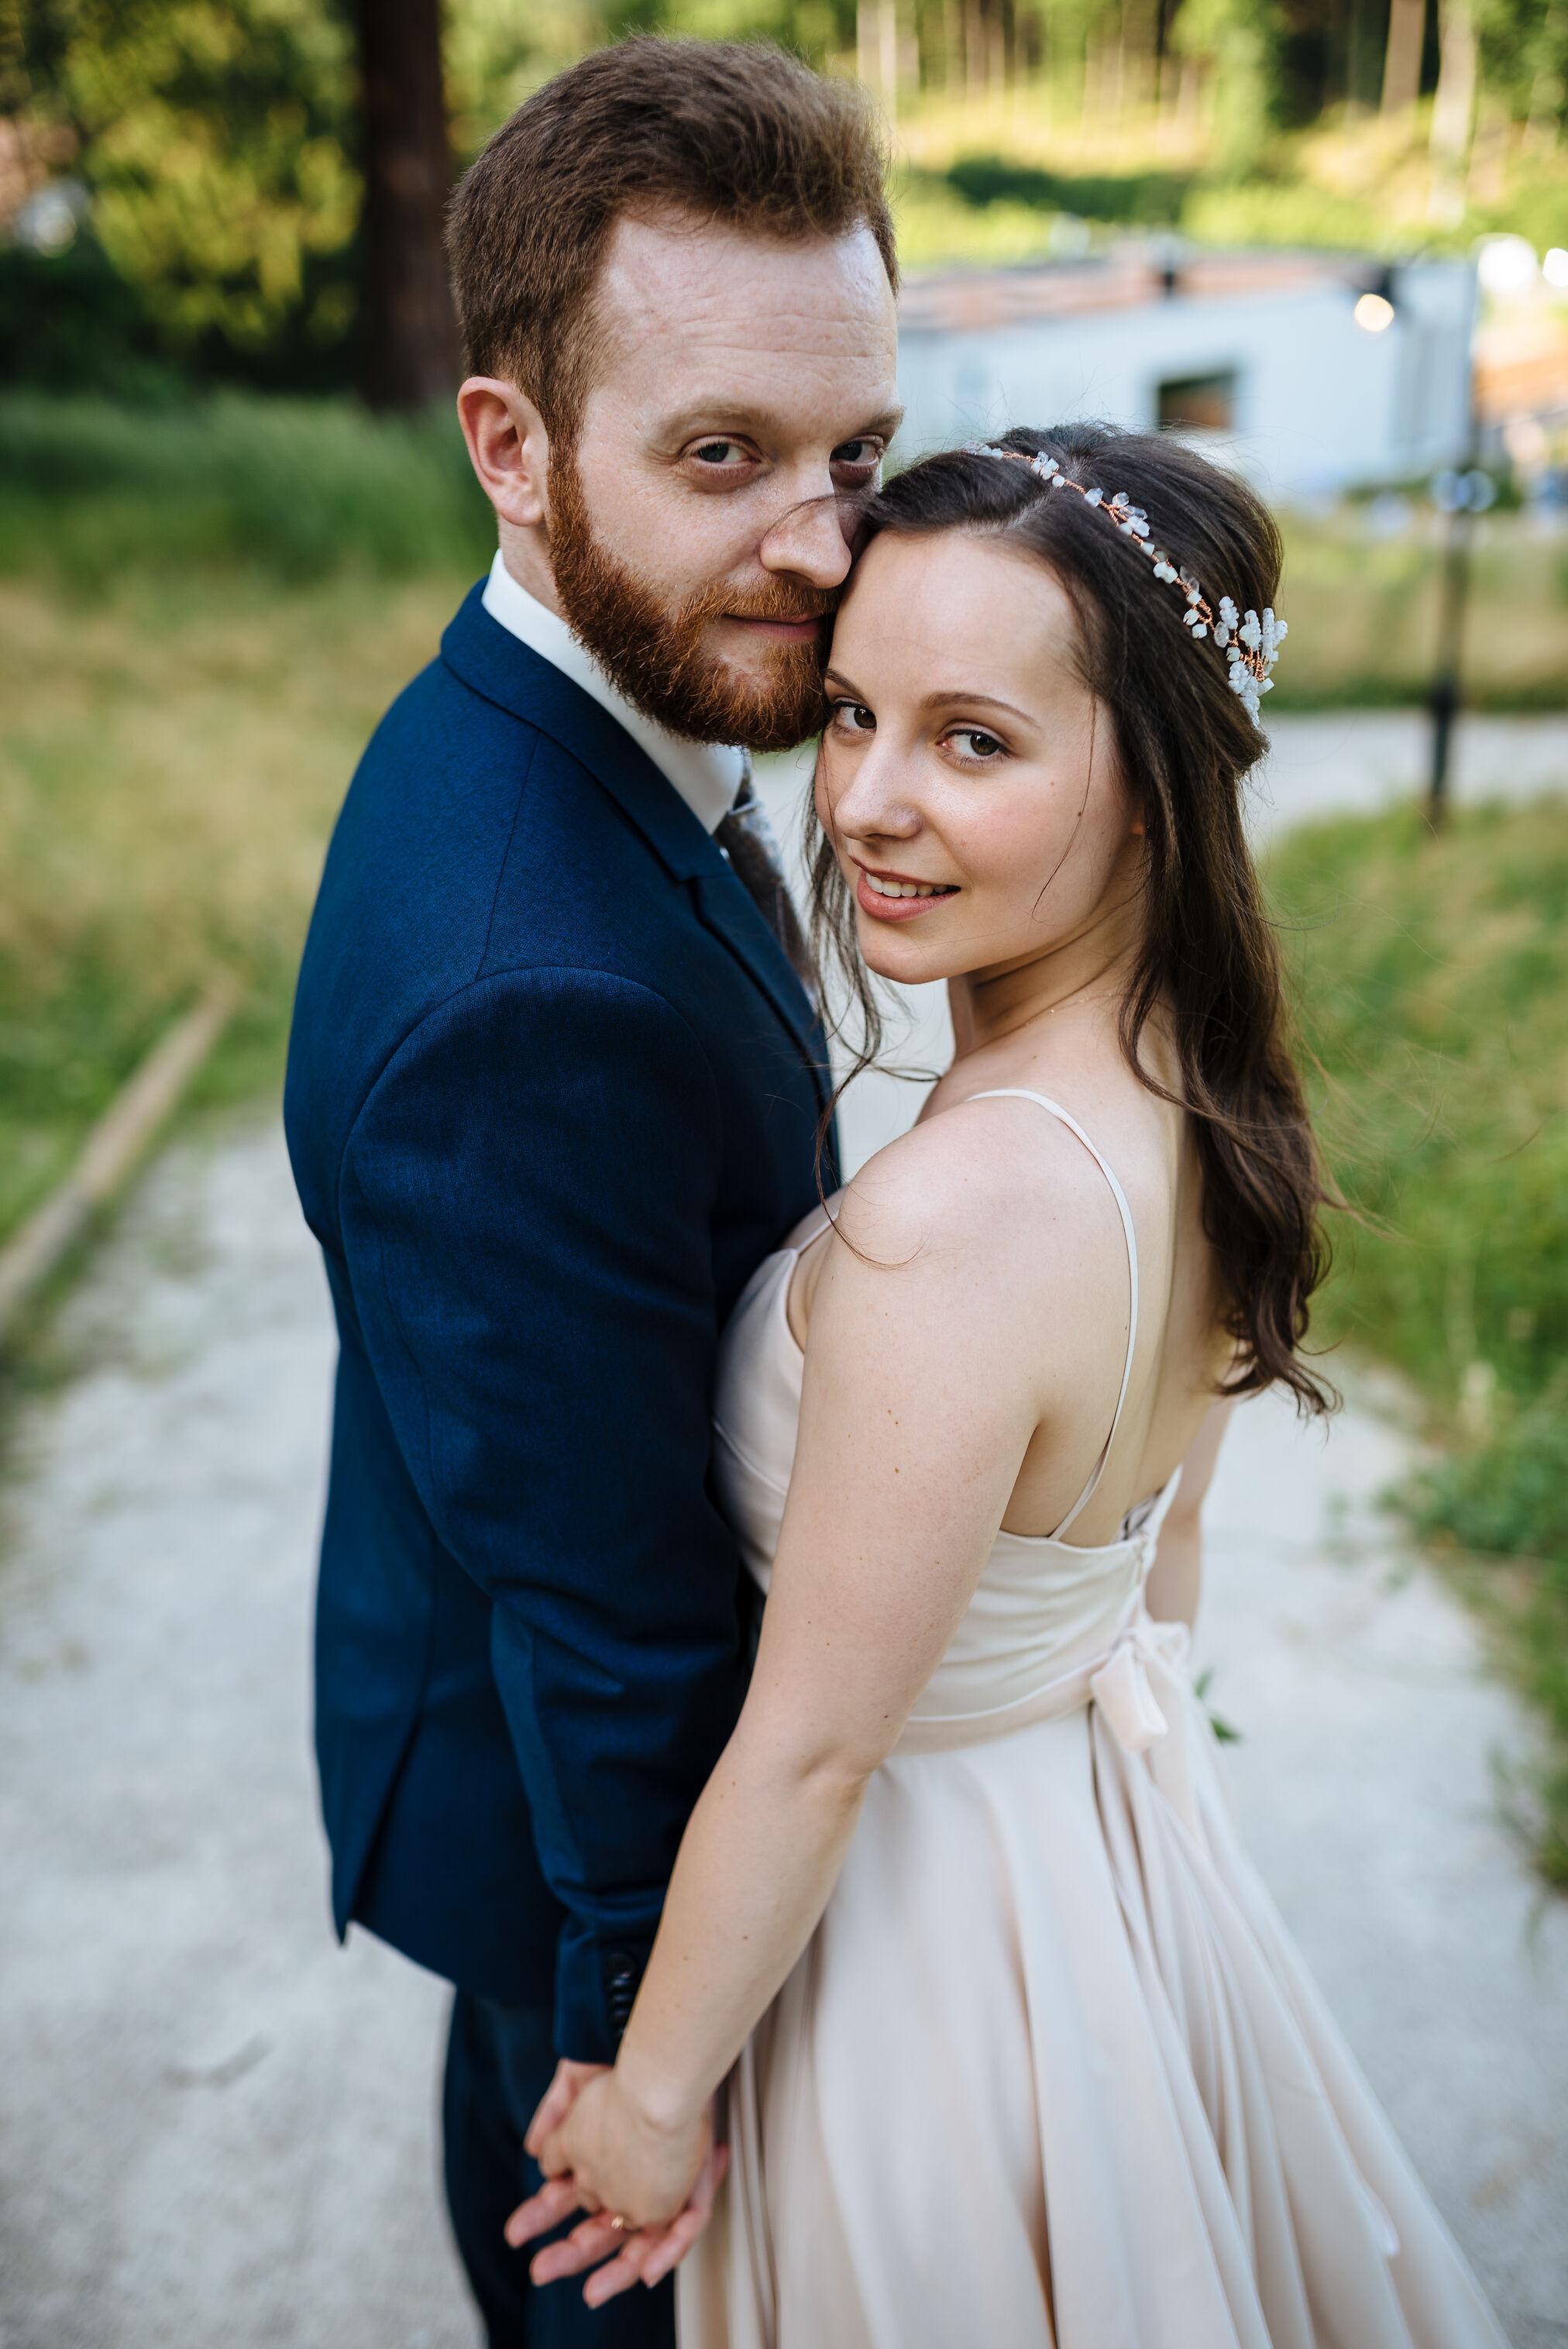 Hochzeit-Garten-Denoti-28.jpg